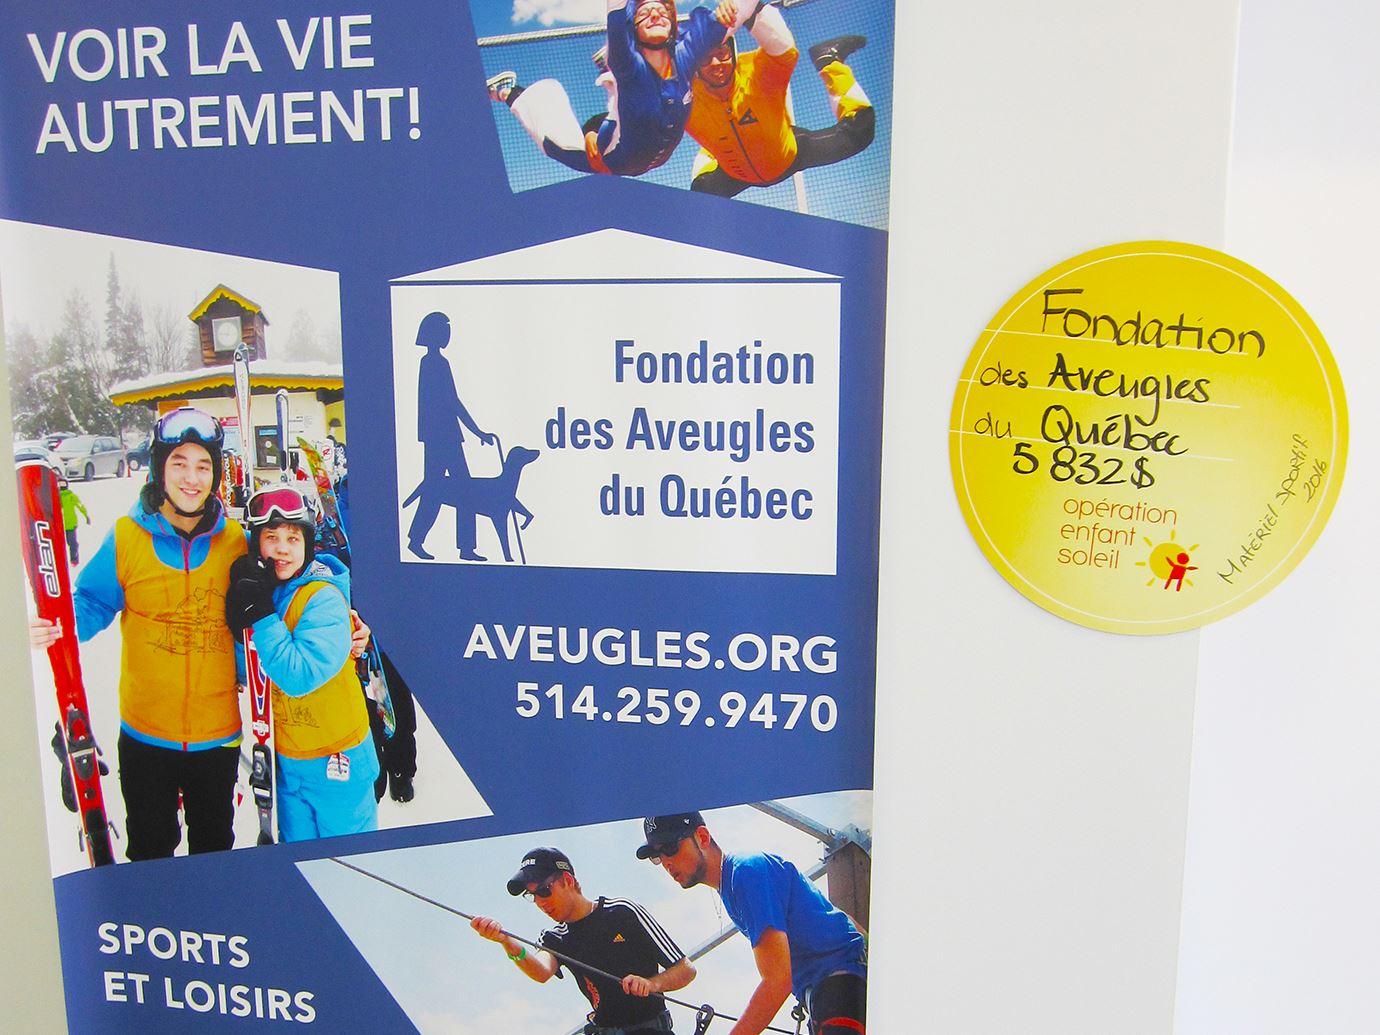 Don d'Opération Enfants Soleil 2016 -visuel fondation et macaron don 5 832 $